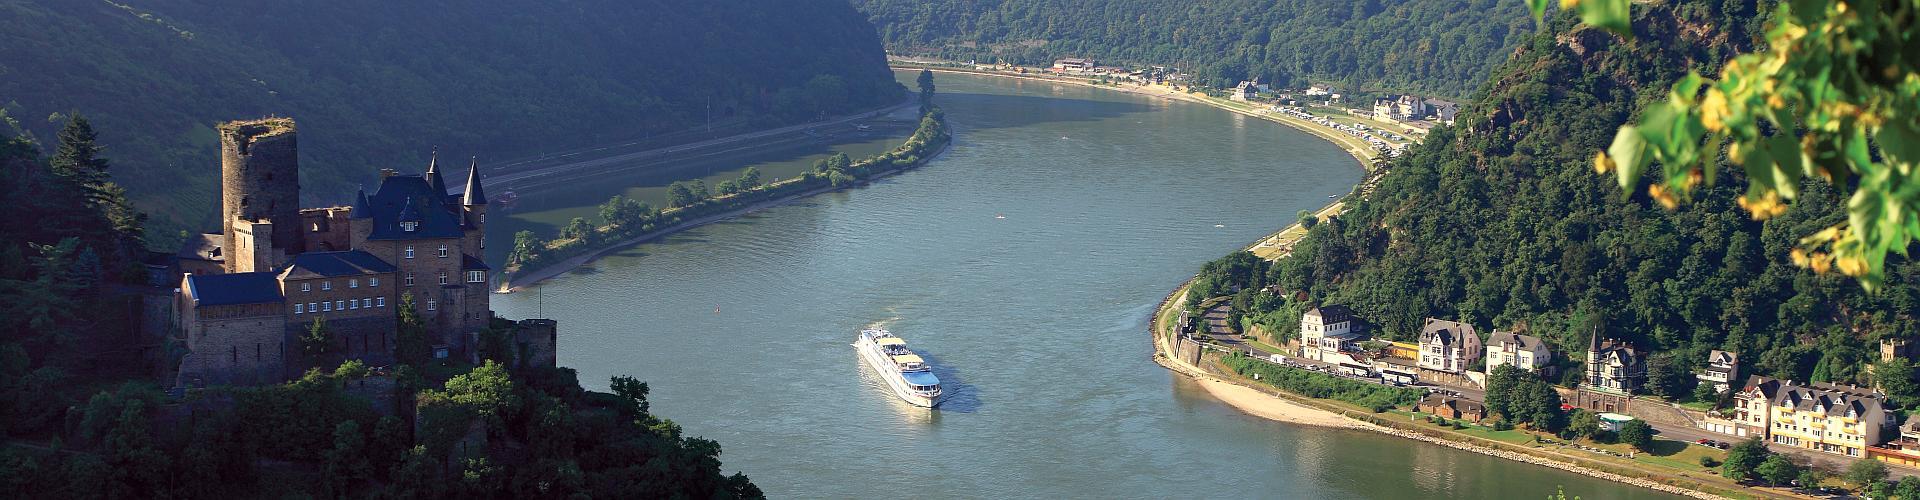 Flusskreuzfahrten Rhein erleben